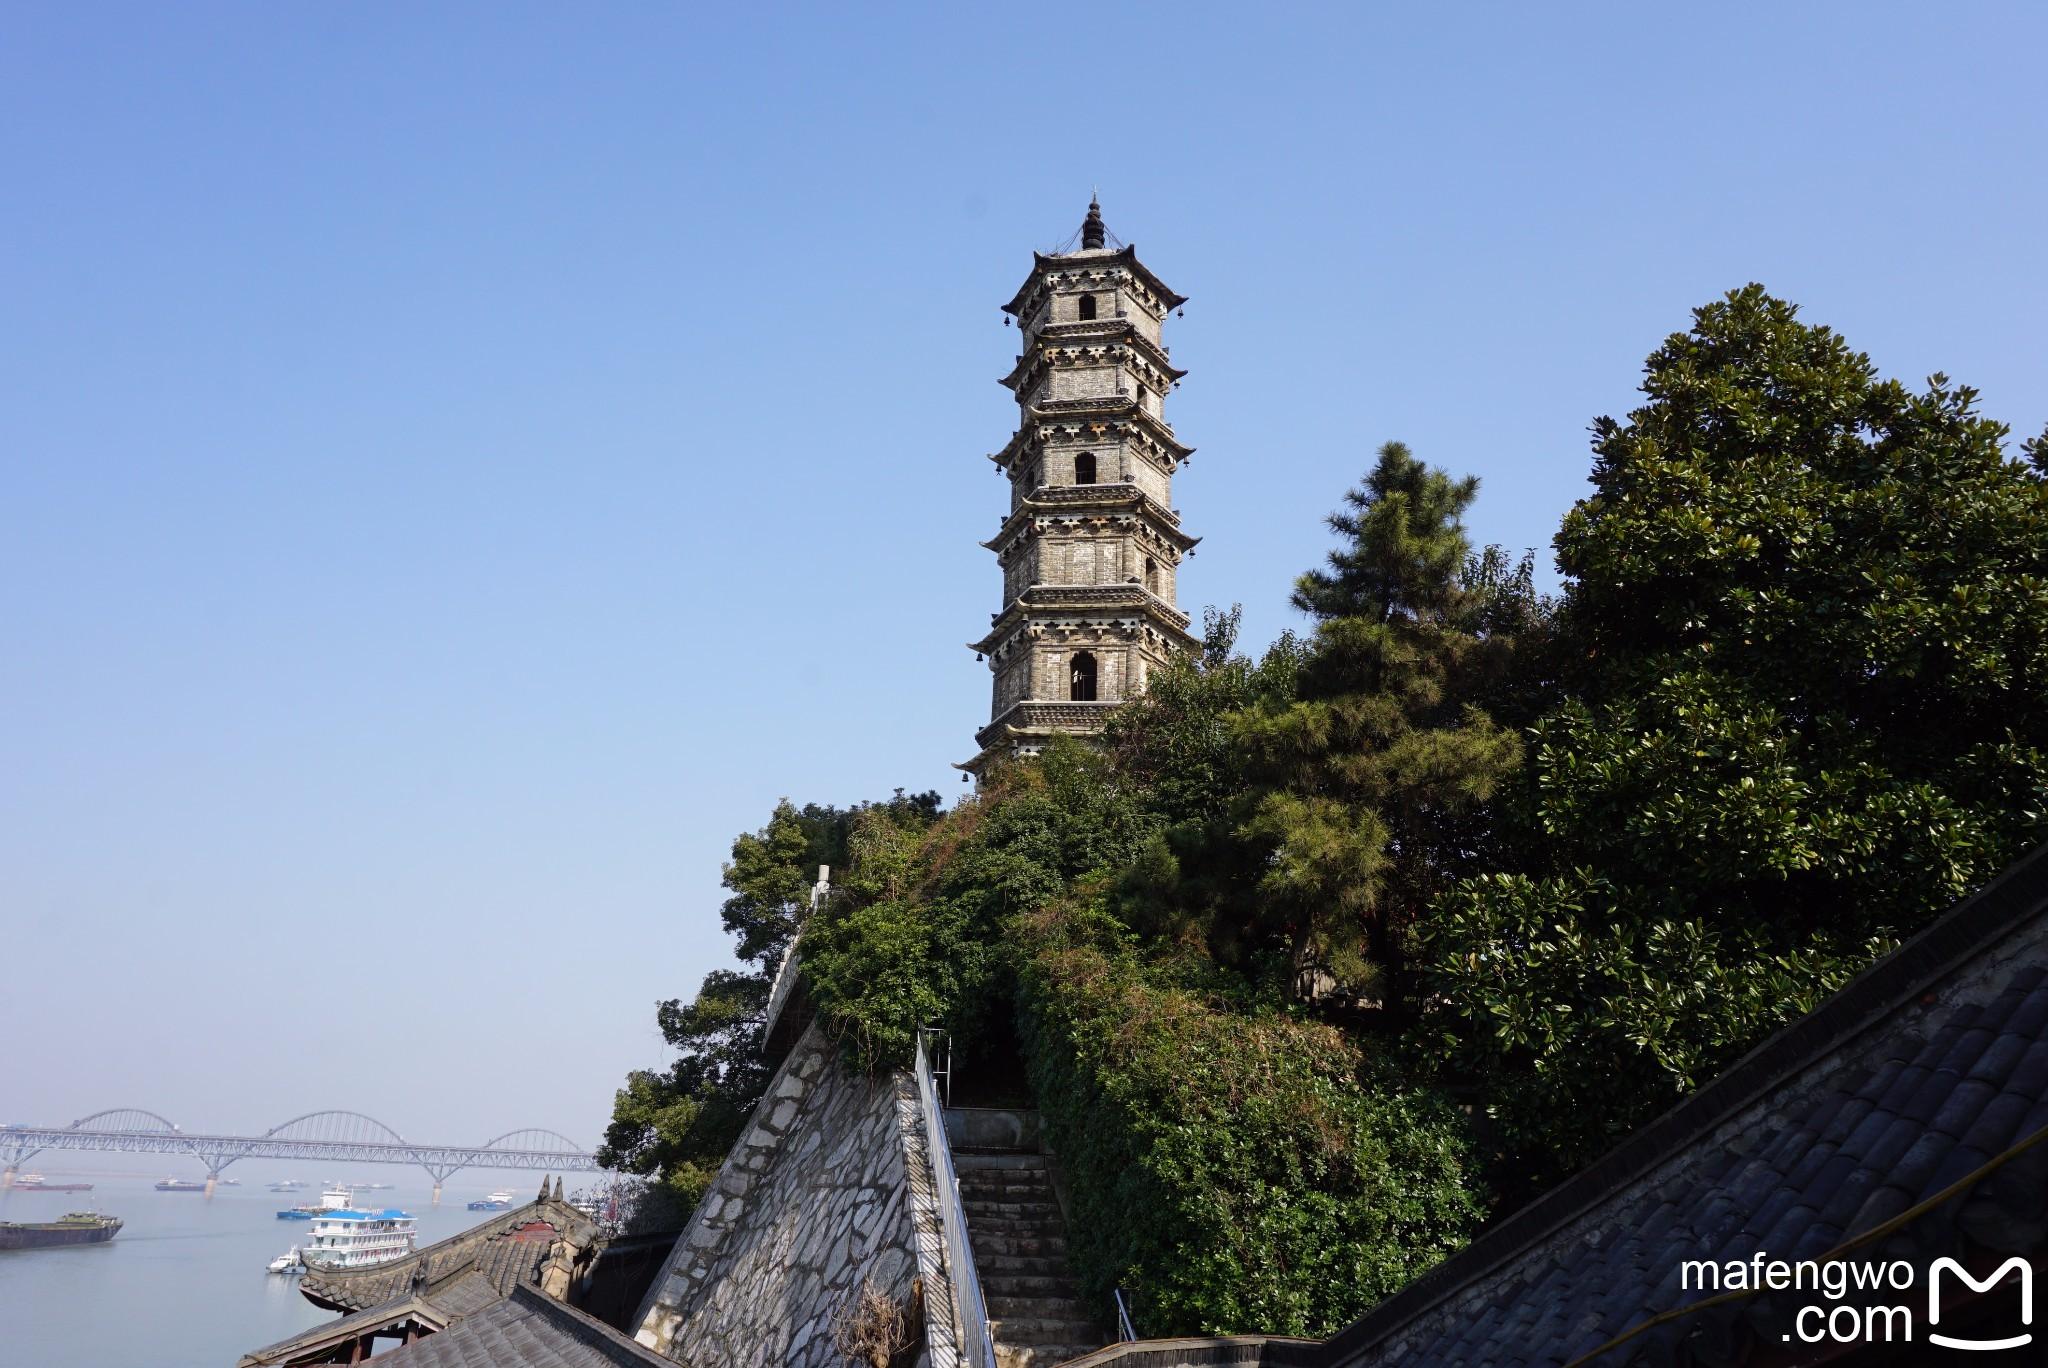 小木棍手工制作楼塔